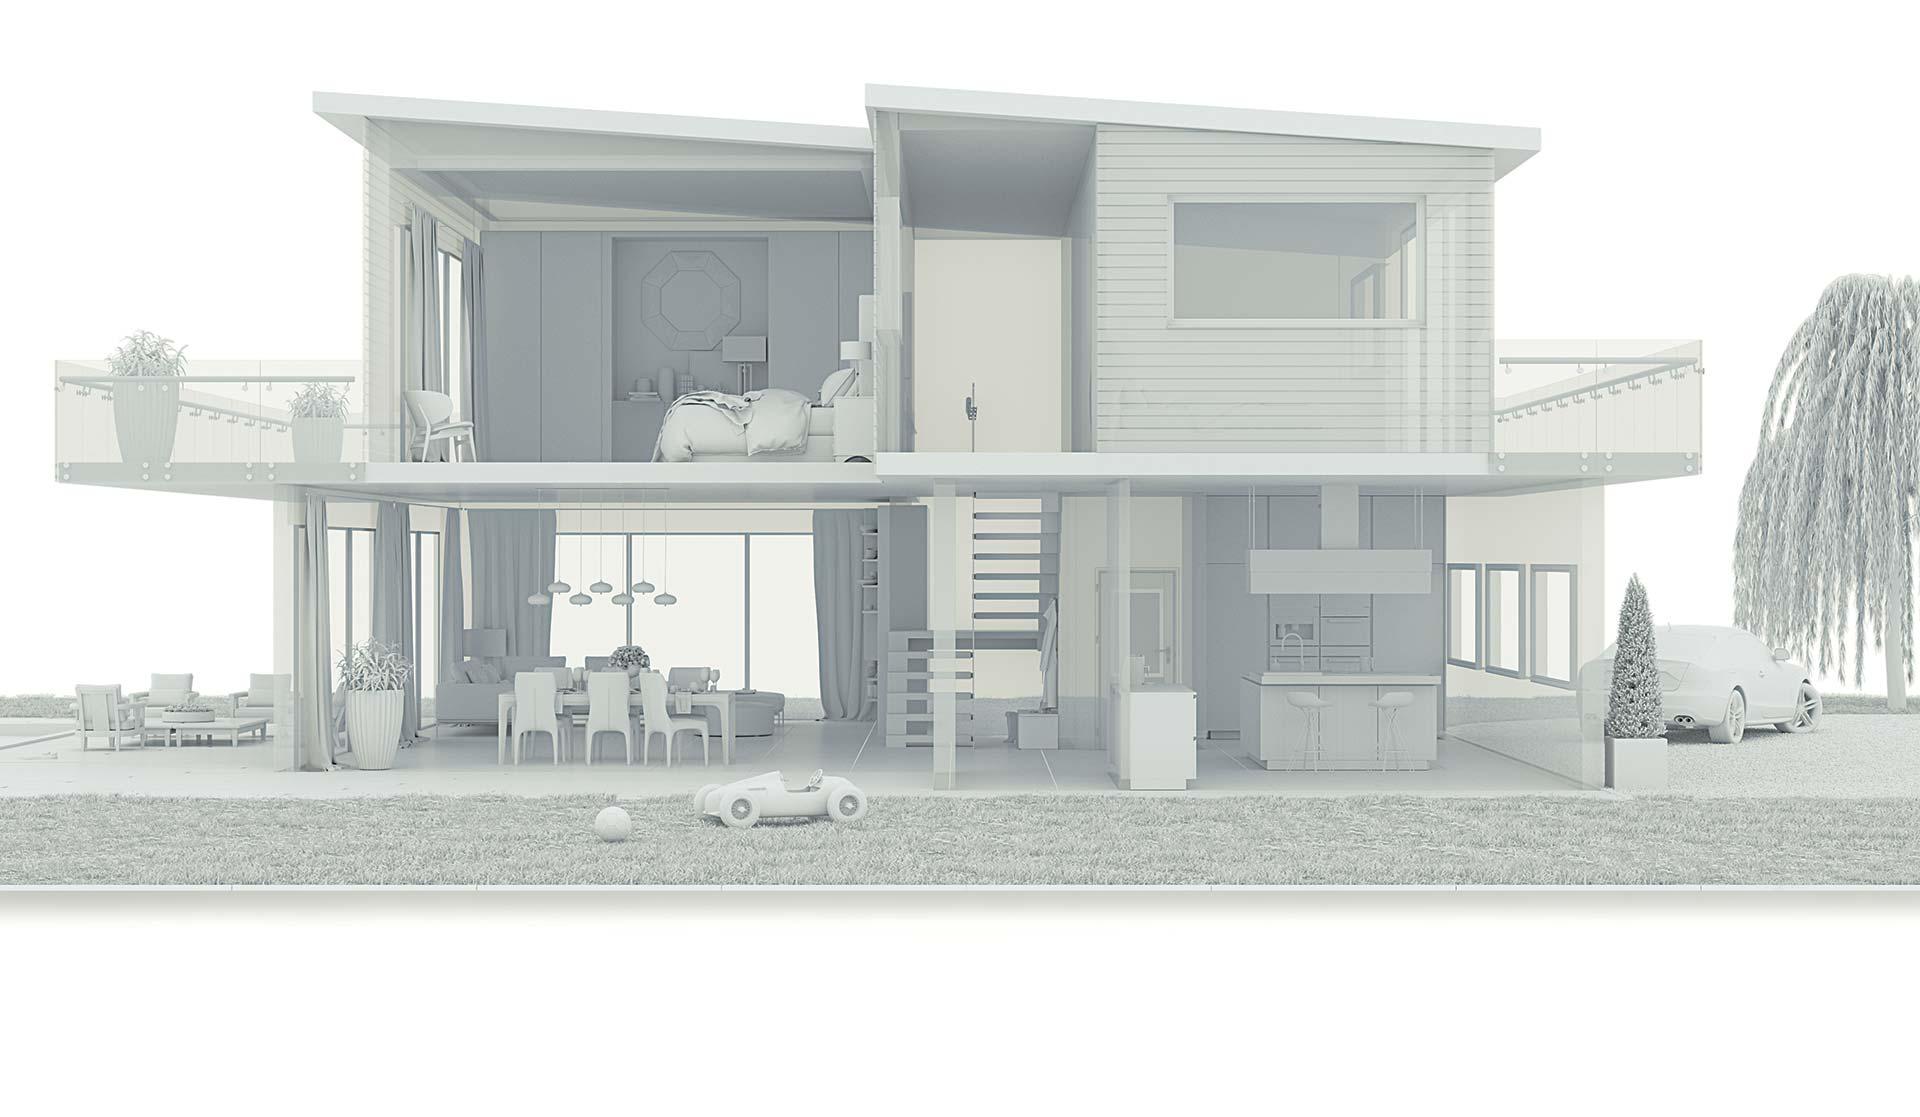 Maison d'architecte 3D